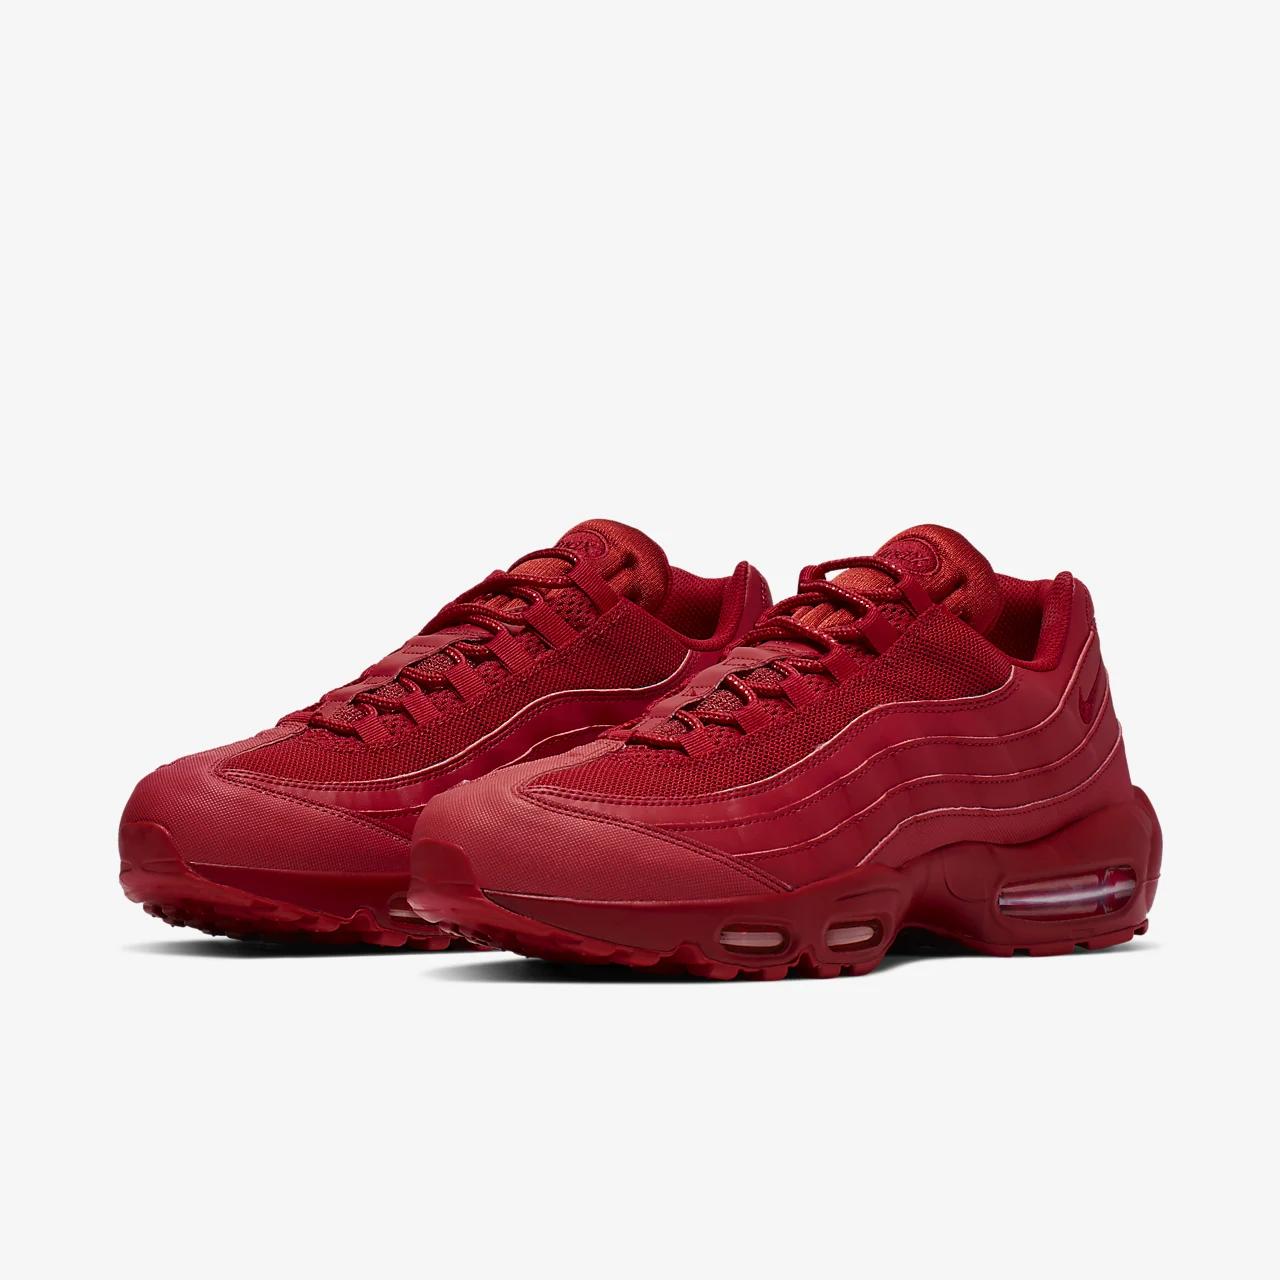 나이키 에어 맥스 95 남자 신발 CQ9969-600